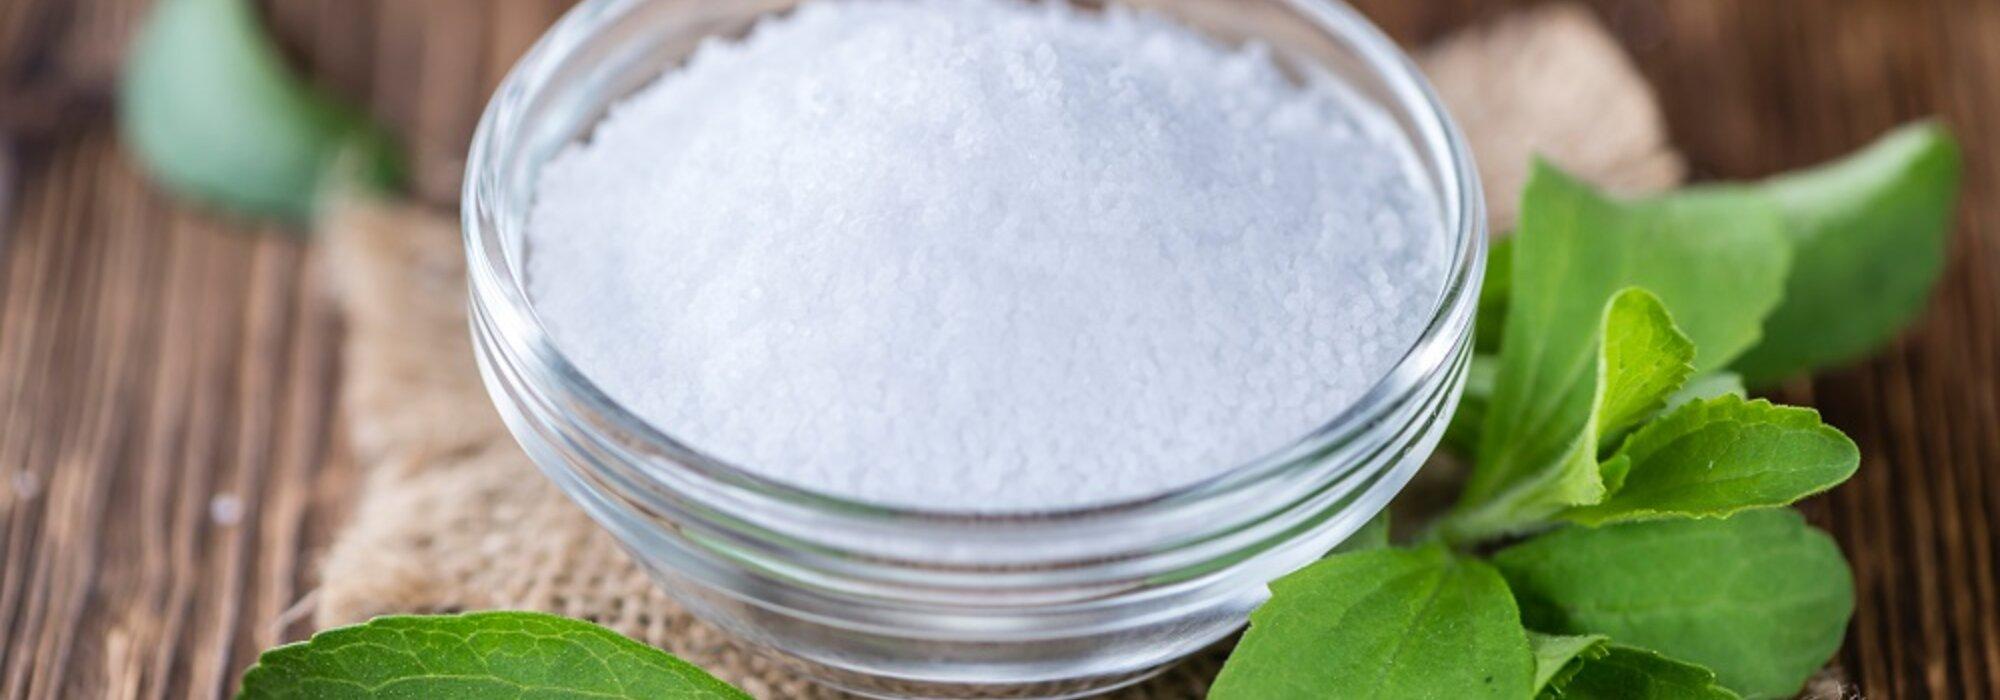 Suikervervangers: suiker vervangen door Steviala